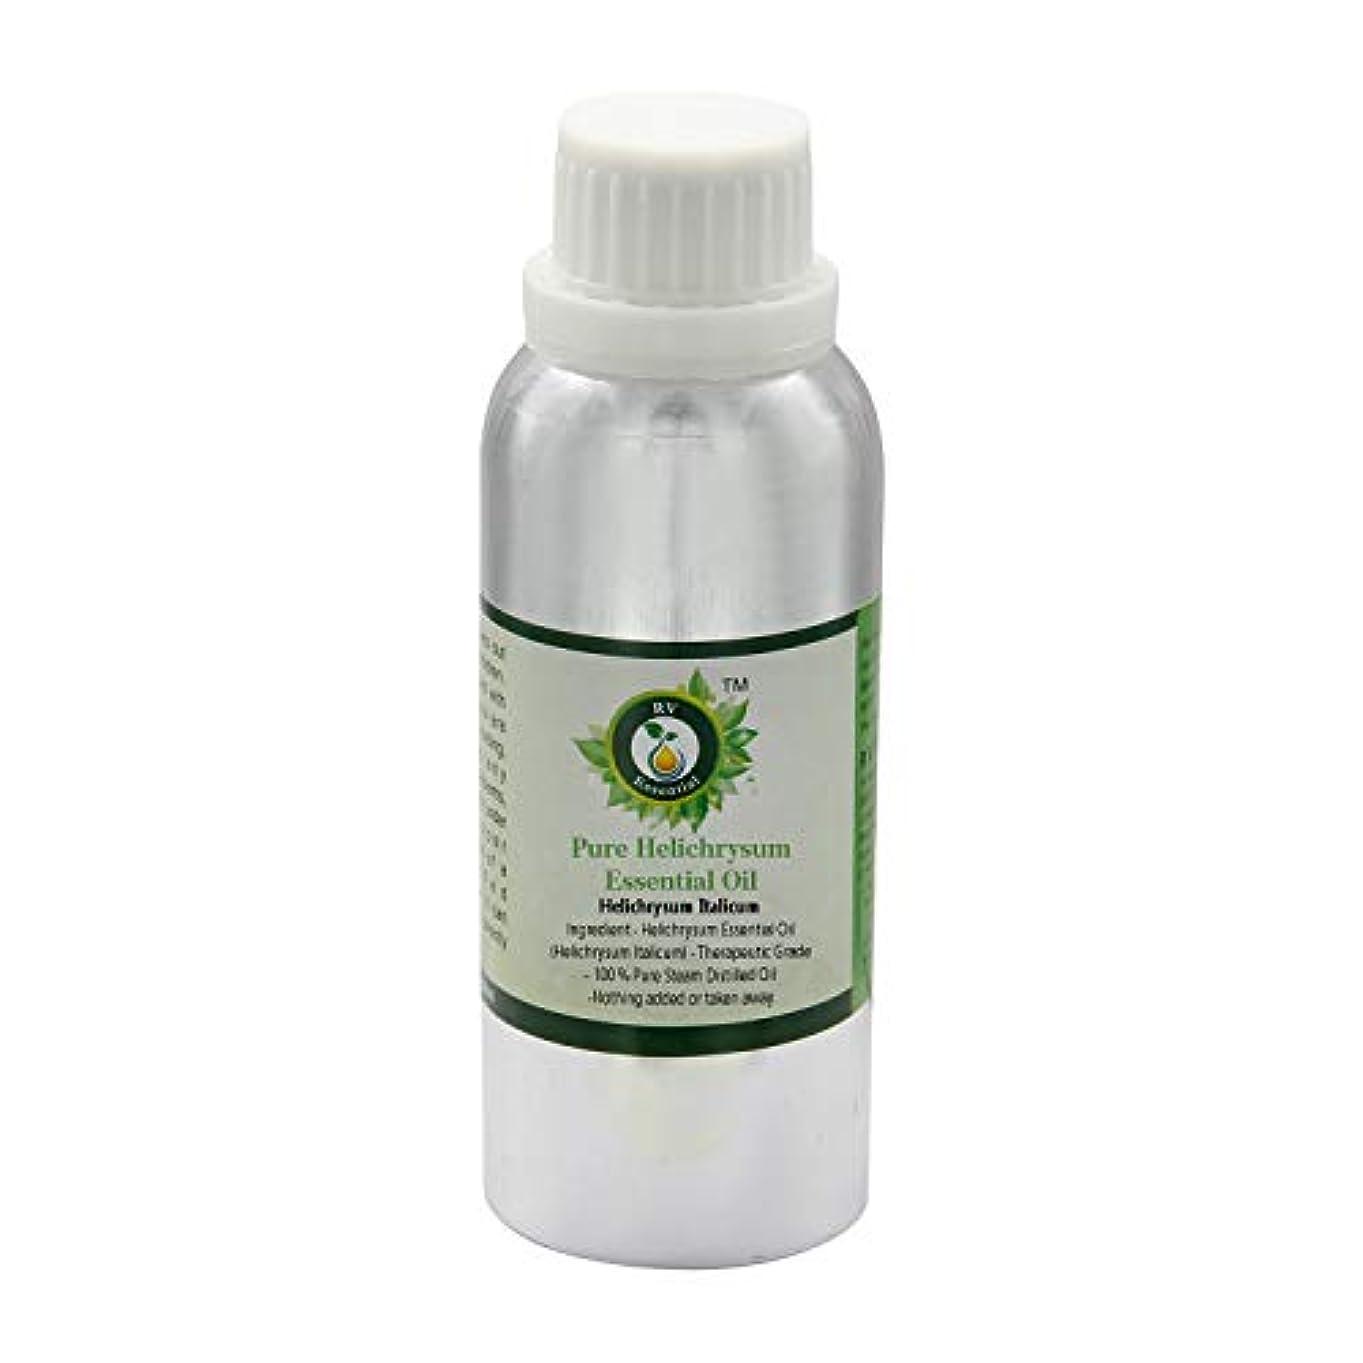 免除する英語の授業があります交差点ピュアヘリクリサムエッセンシャルオイル300ml (10oz)- Helichrysum Italicum (100%純粋&天然スチームDistilled) Pure Helichrysum Essential Oil